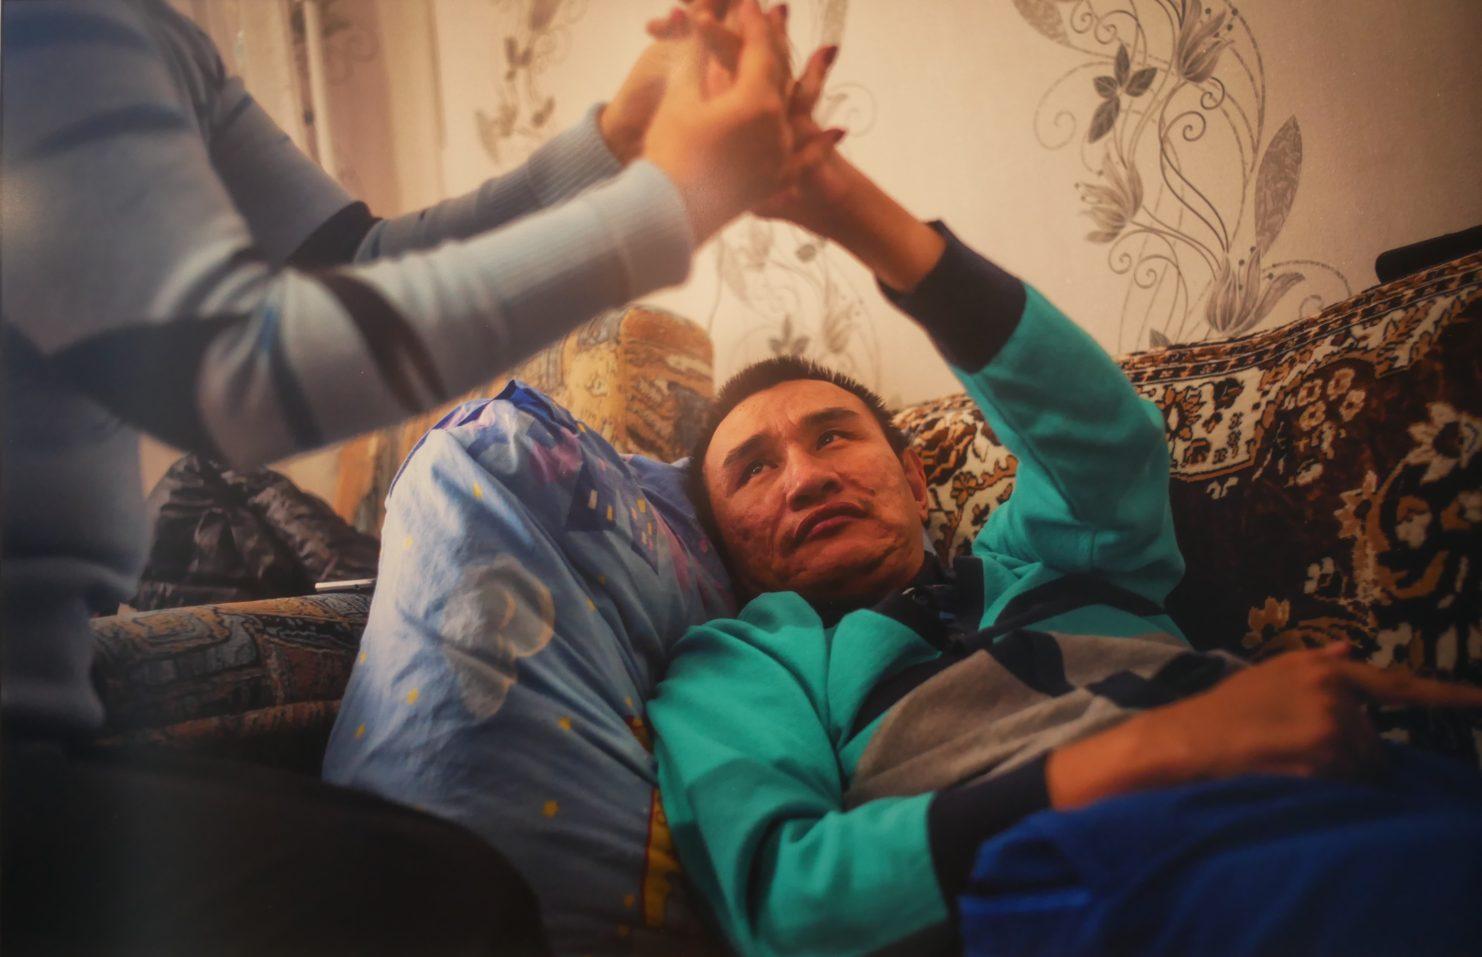 Phil Moore Kazakhstan conséquences nucléaire